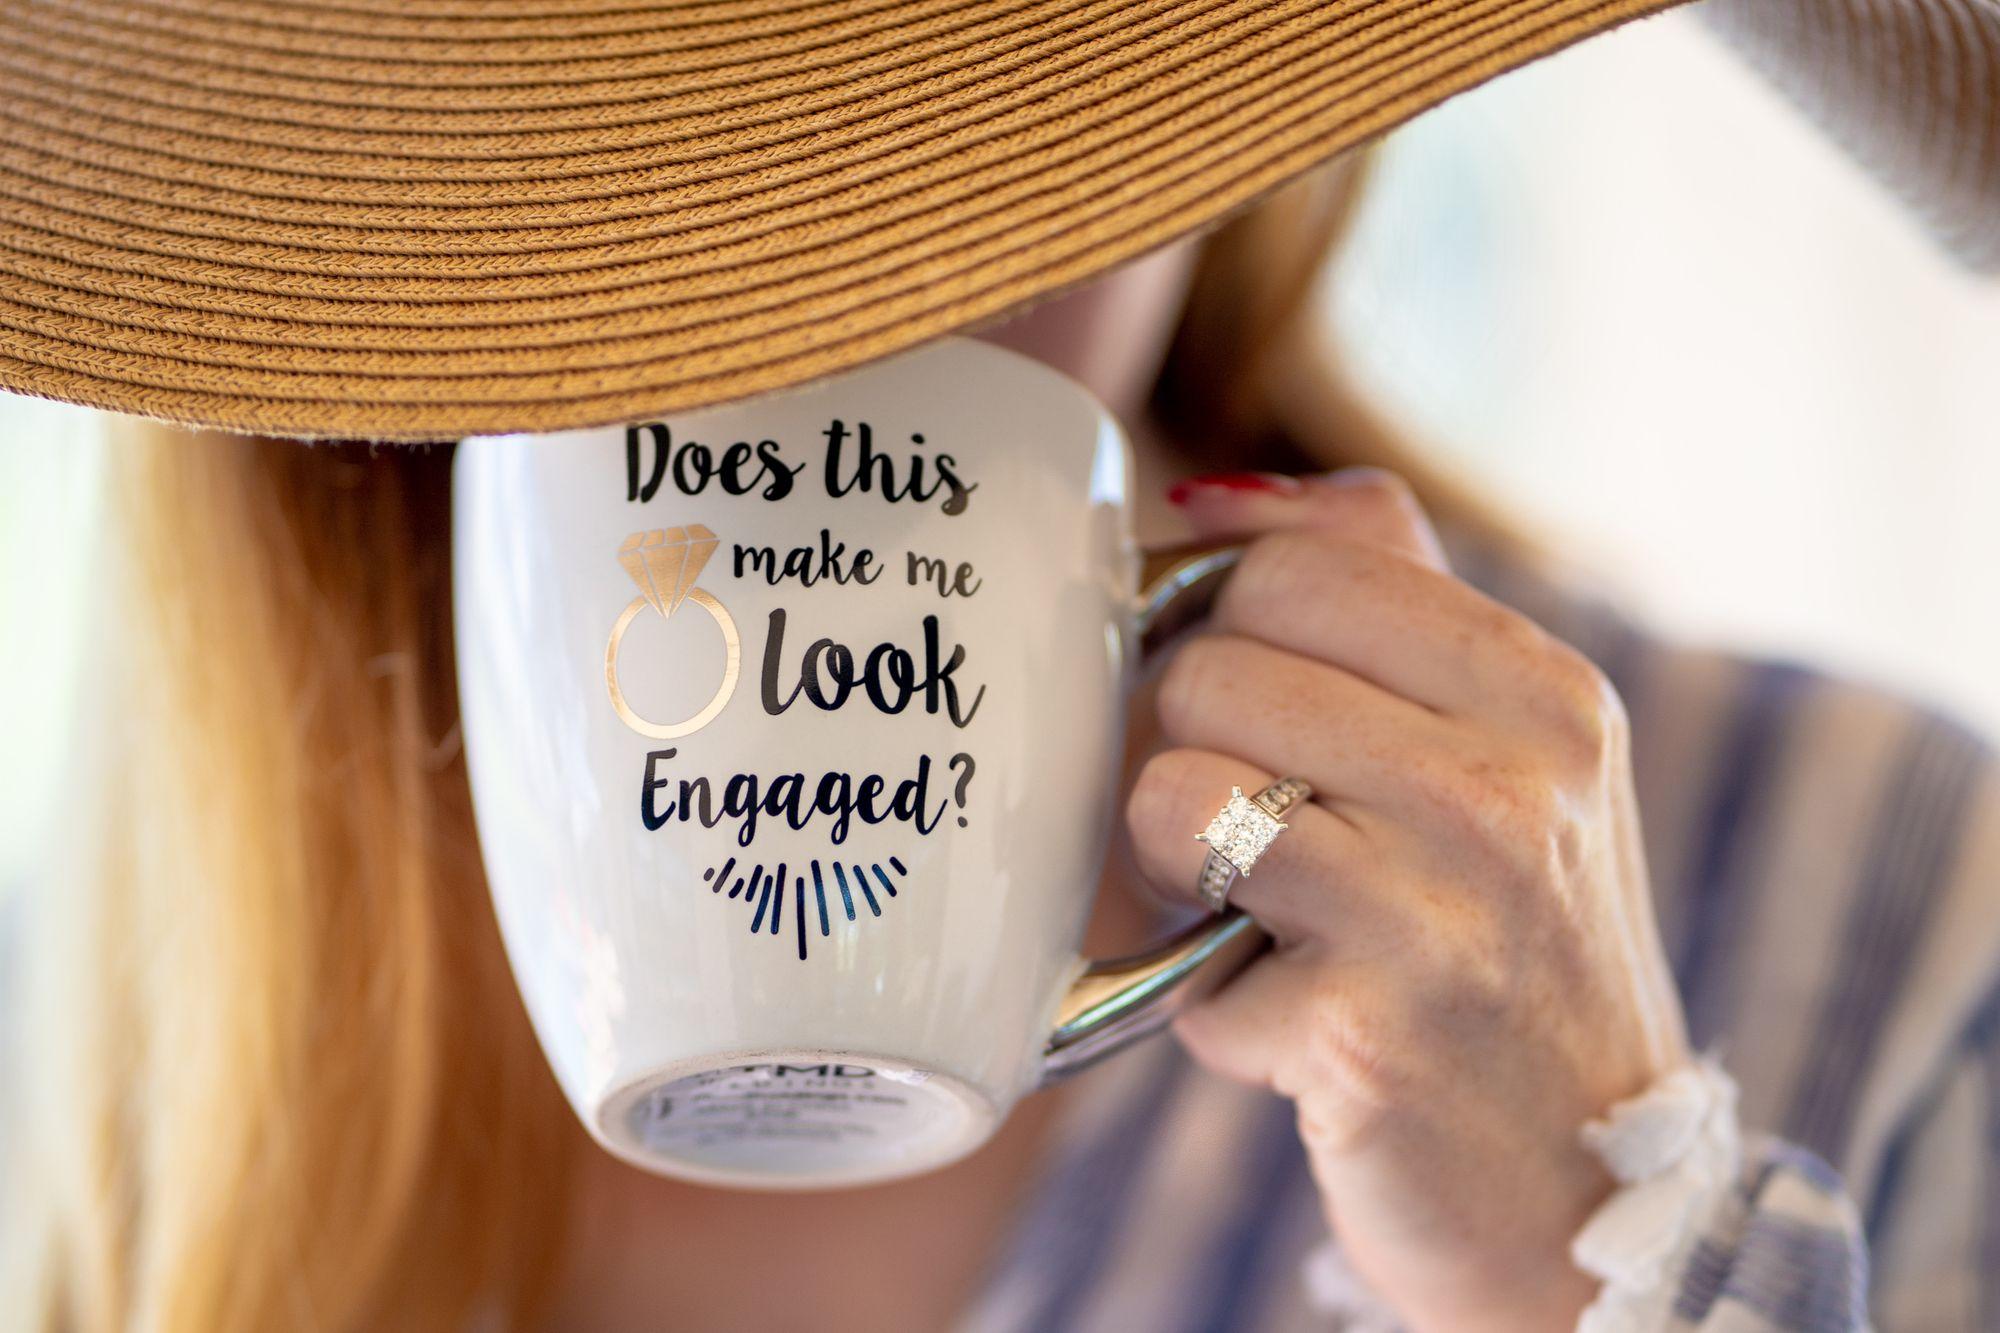 Frau trinkt aus einer Tasse, die auf ihre Verlobung hinweist